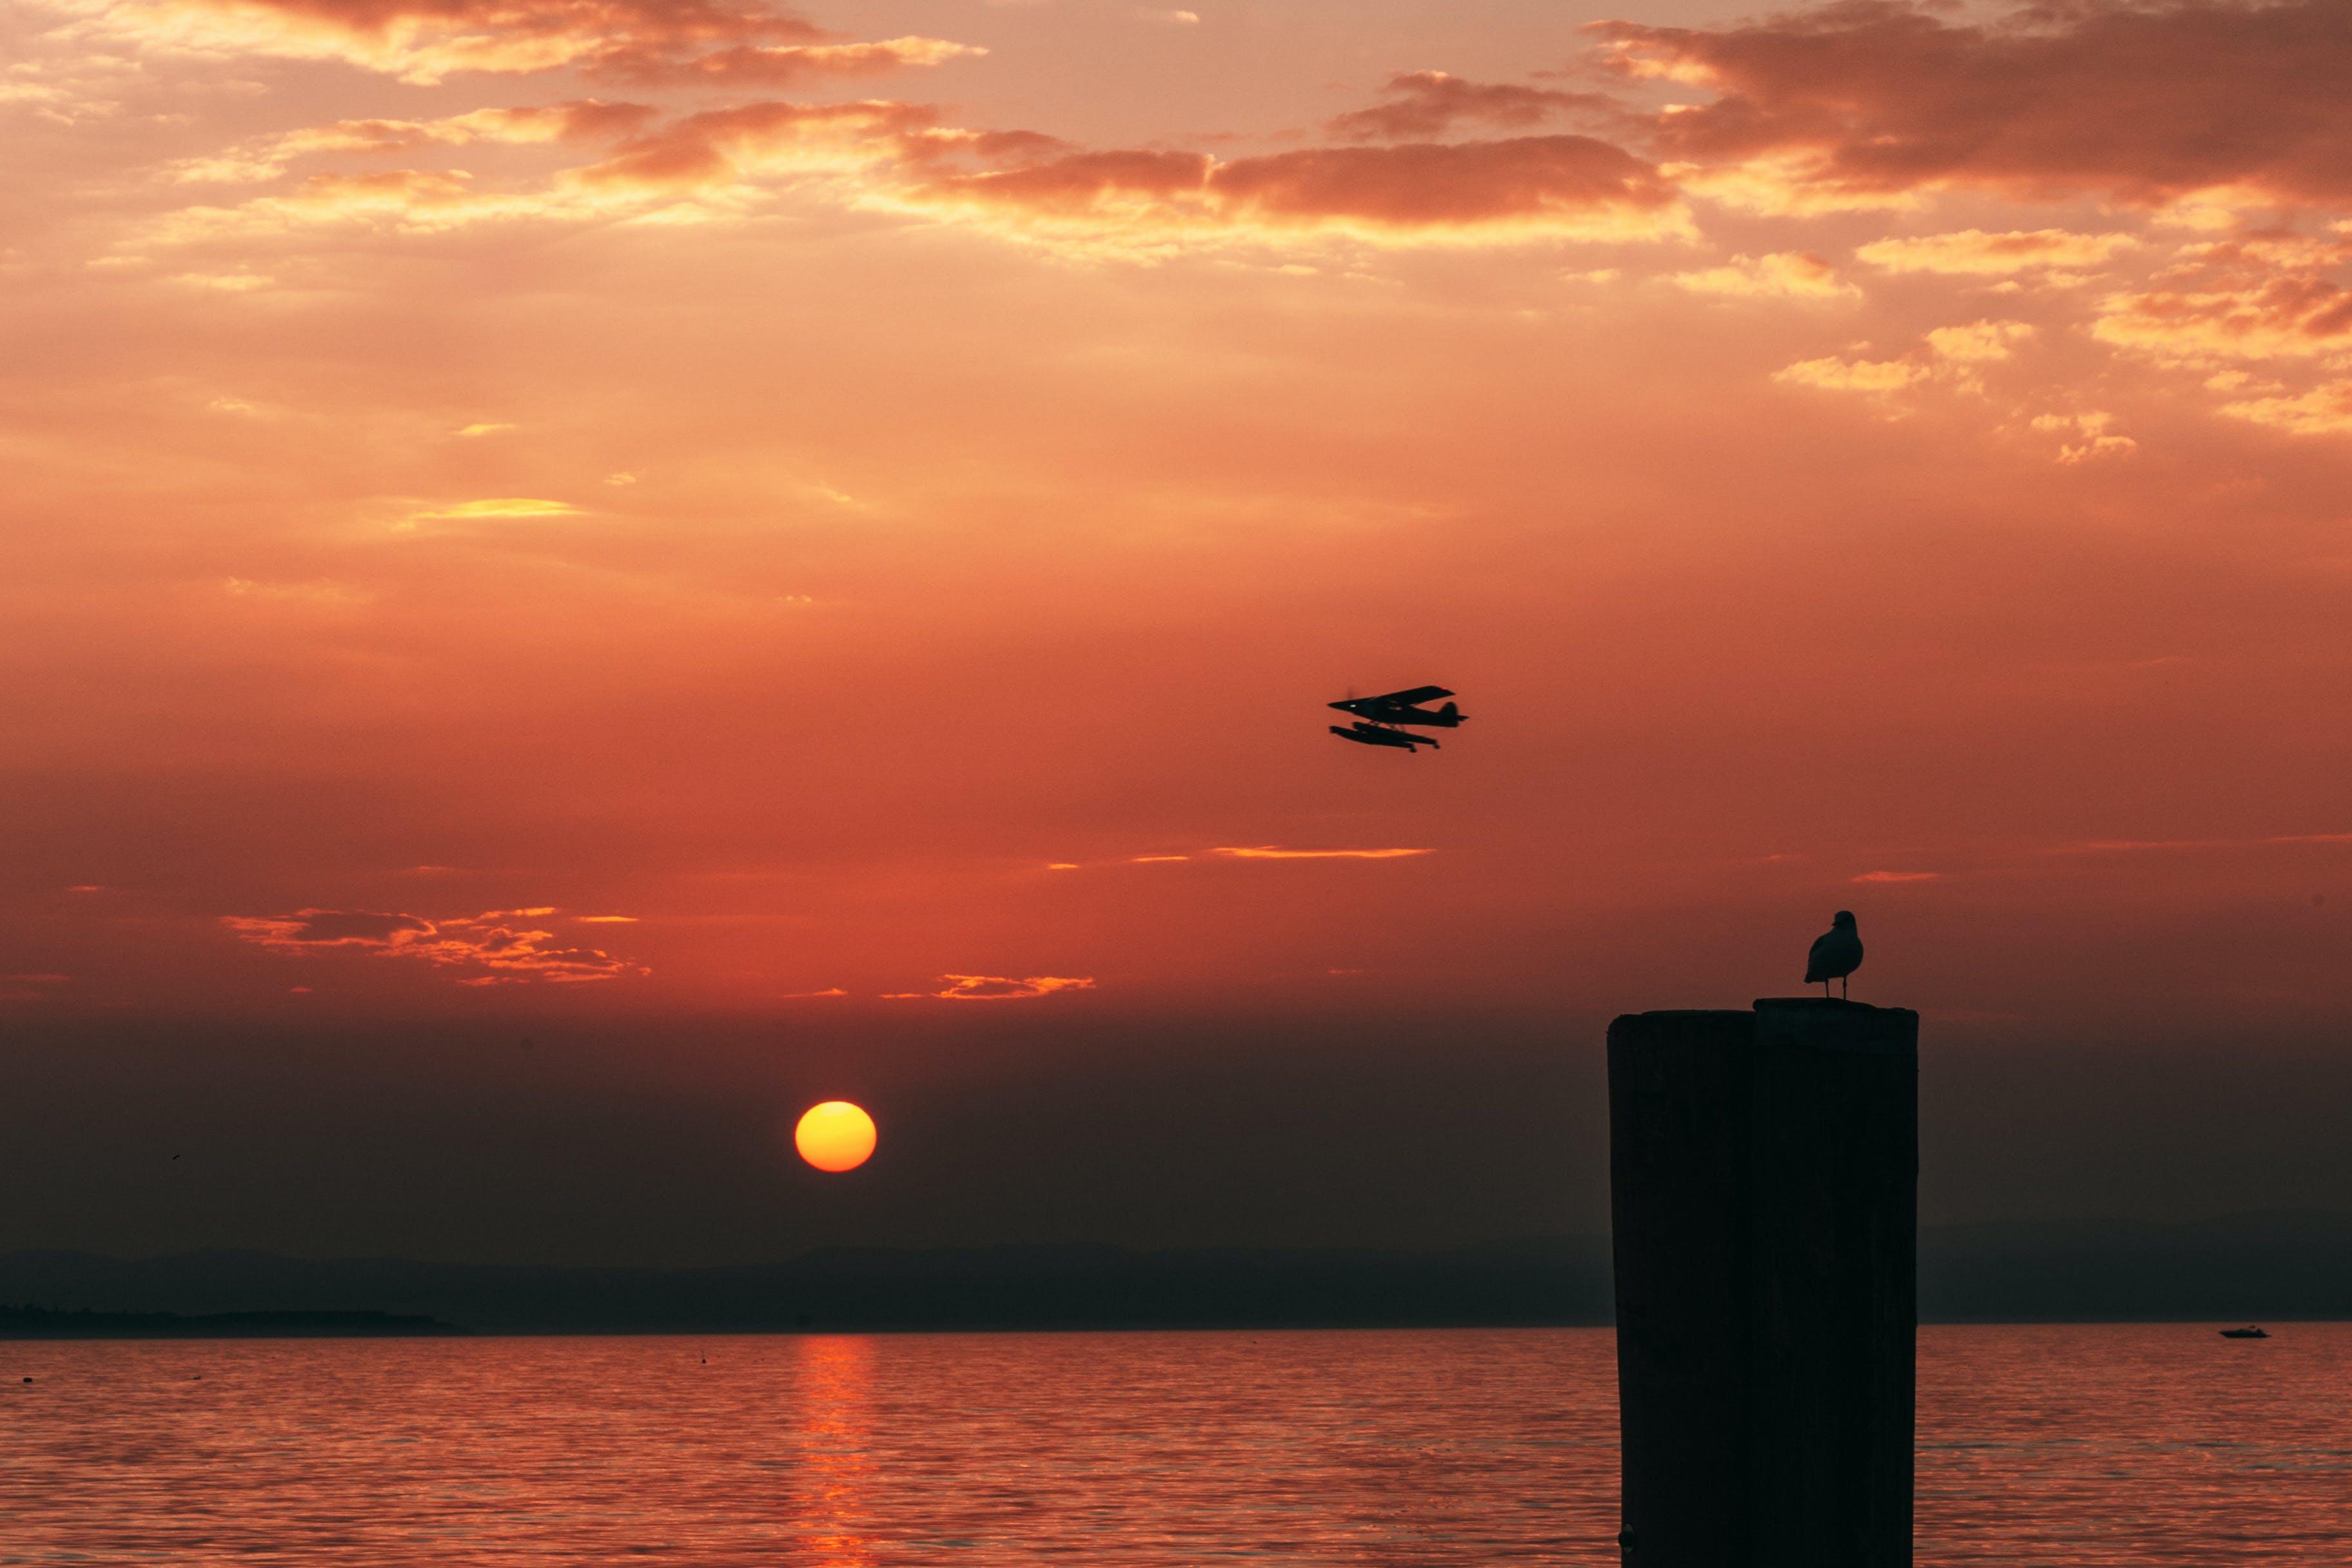 Silhouette Of Seaplane